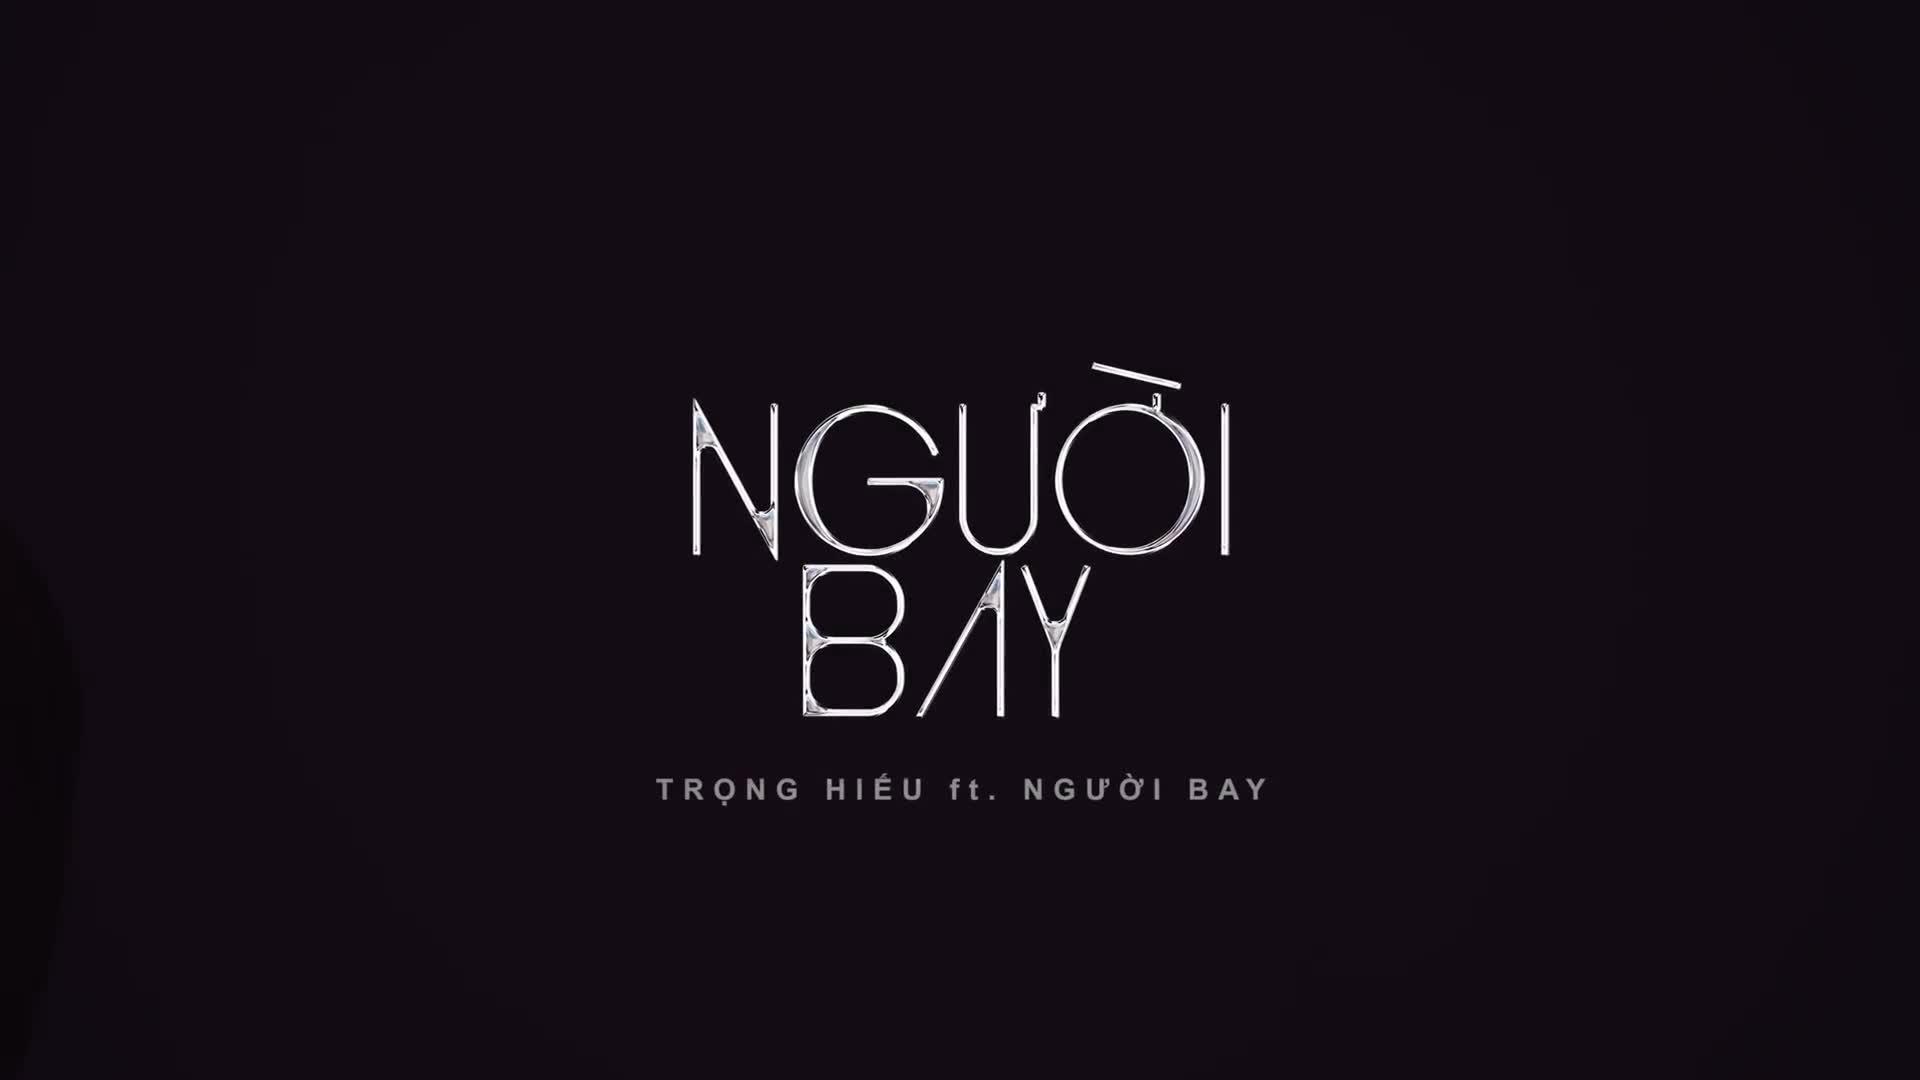 NGƯỜI BAY - TRỌNG HIẾU ft. NGƯỜI BAY - Official MV